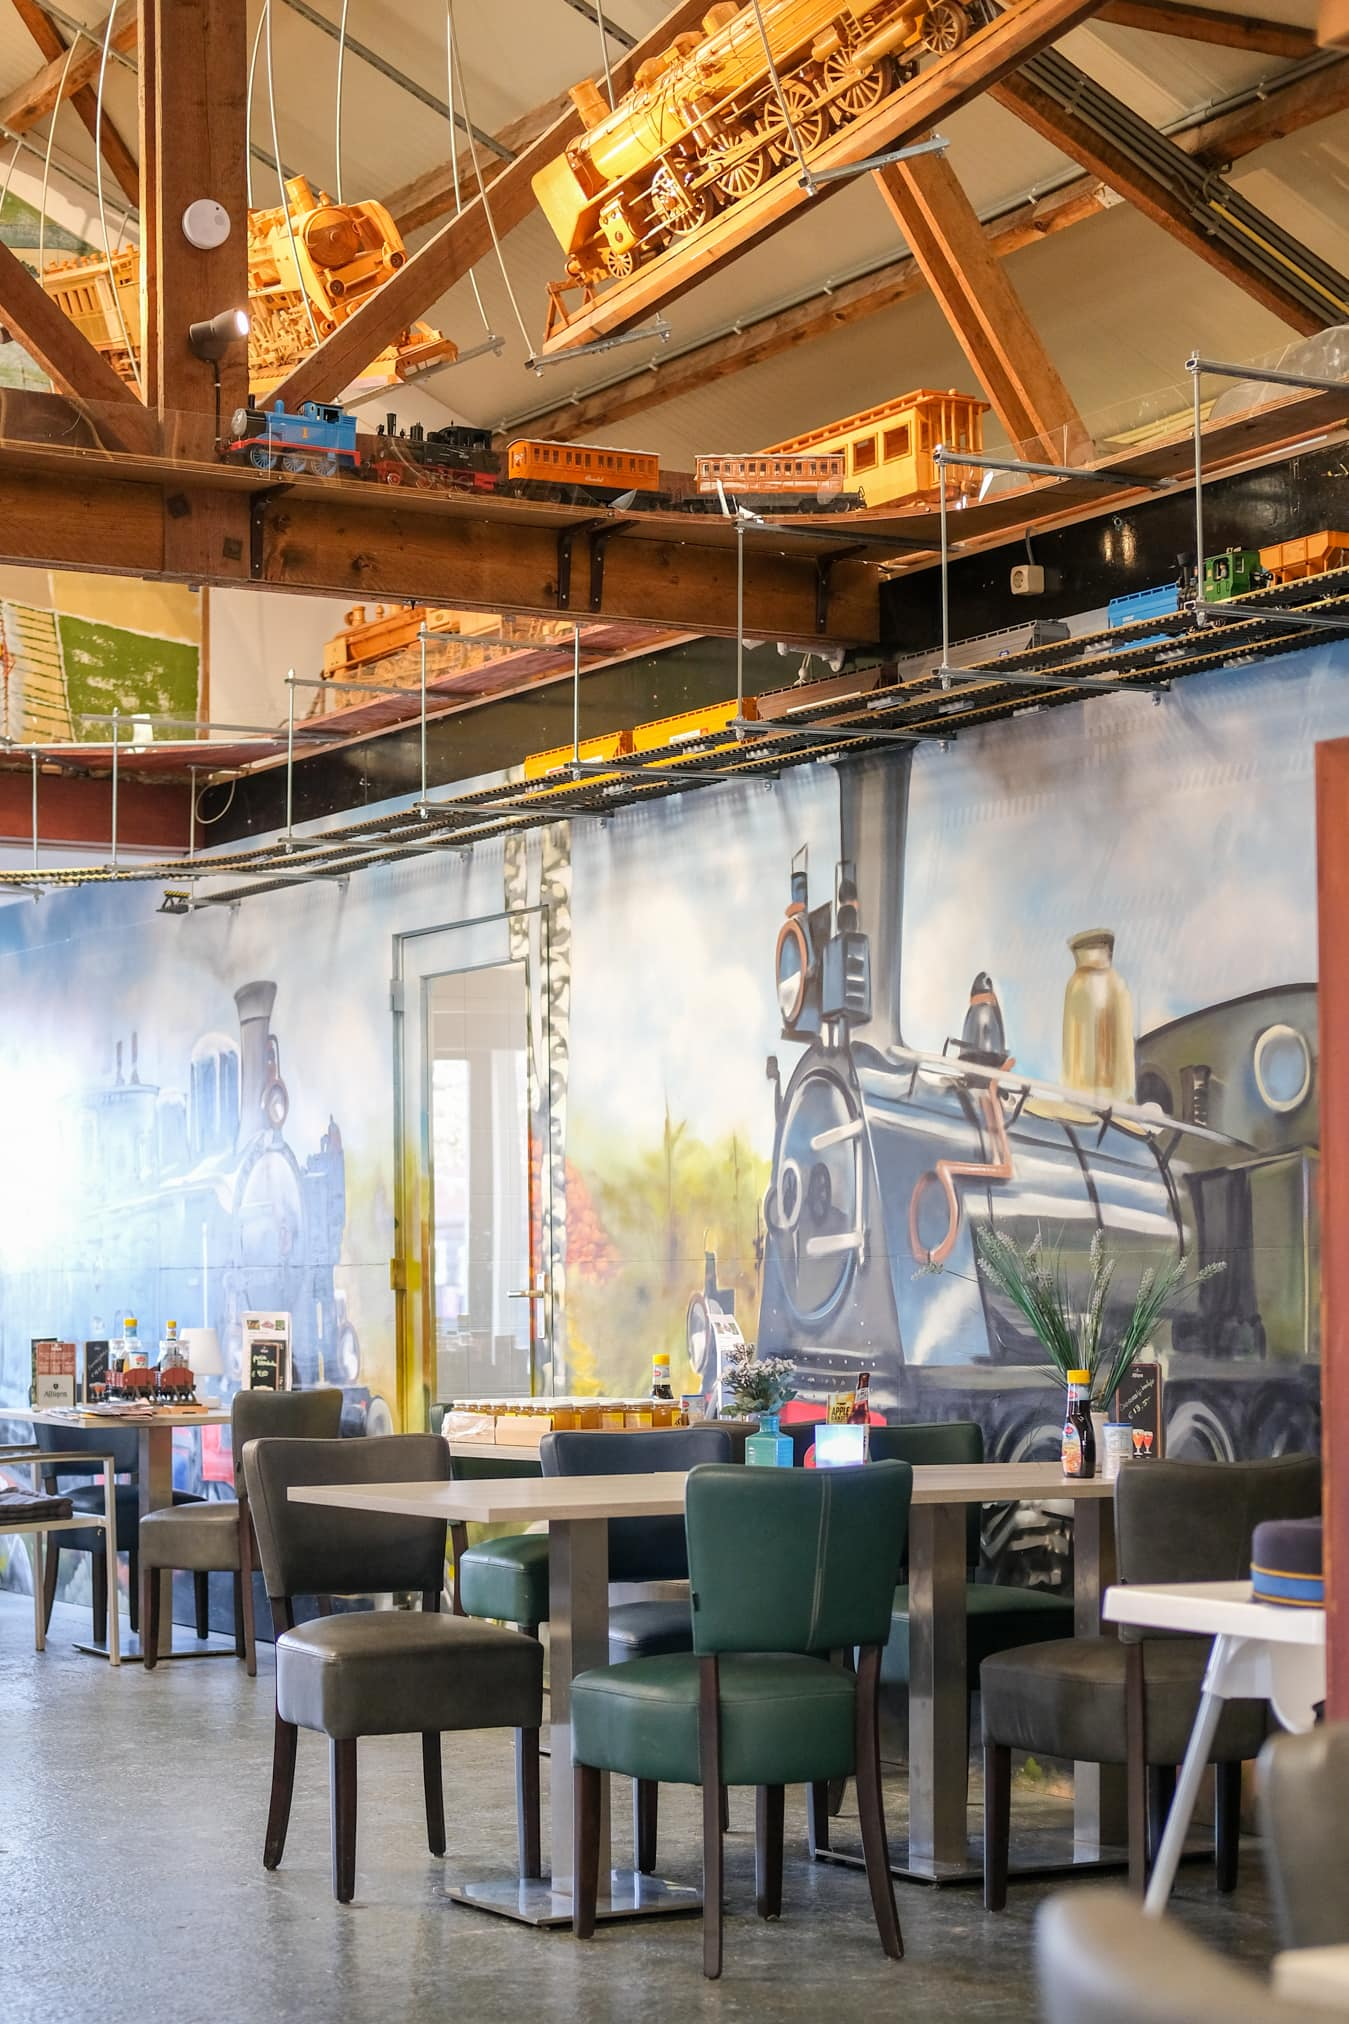 interieur treinen restaurant